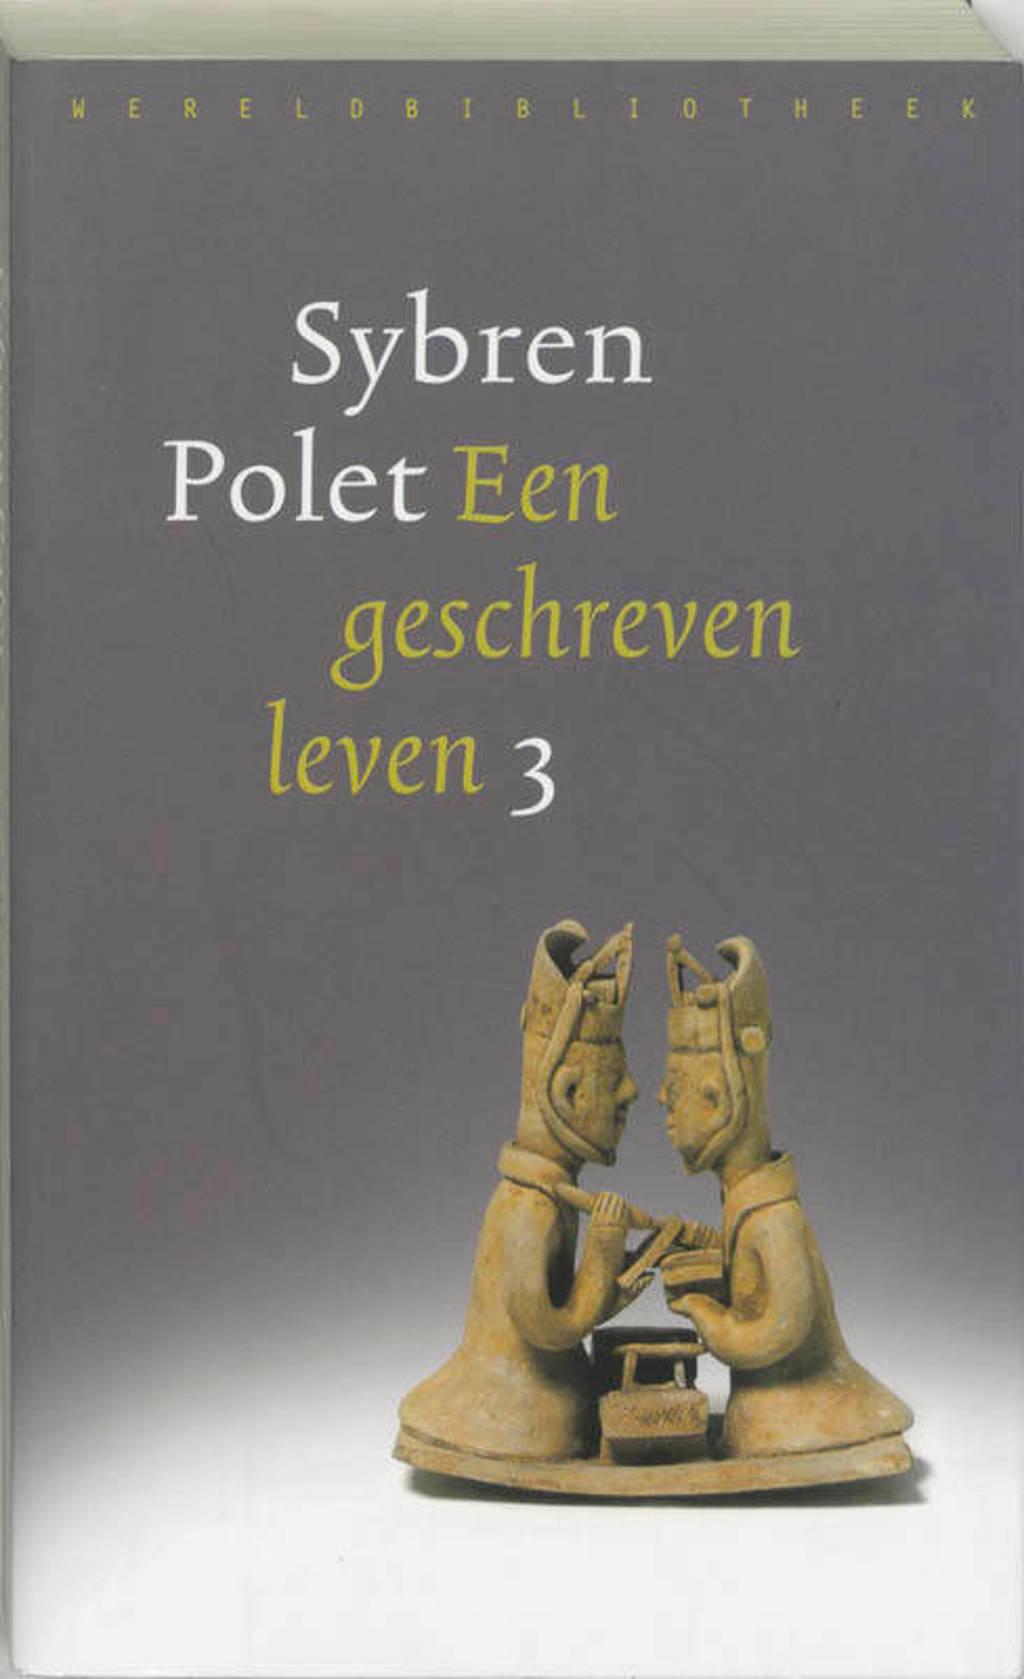 Een geschreven leven 3 - Sybren Polet